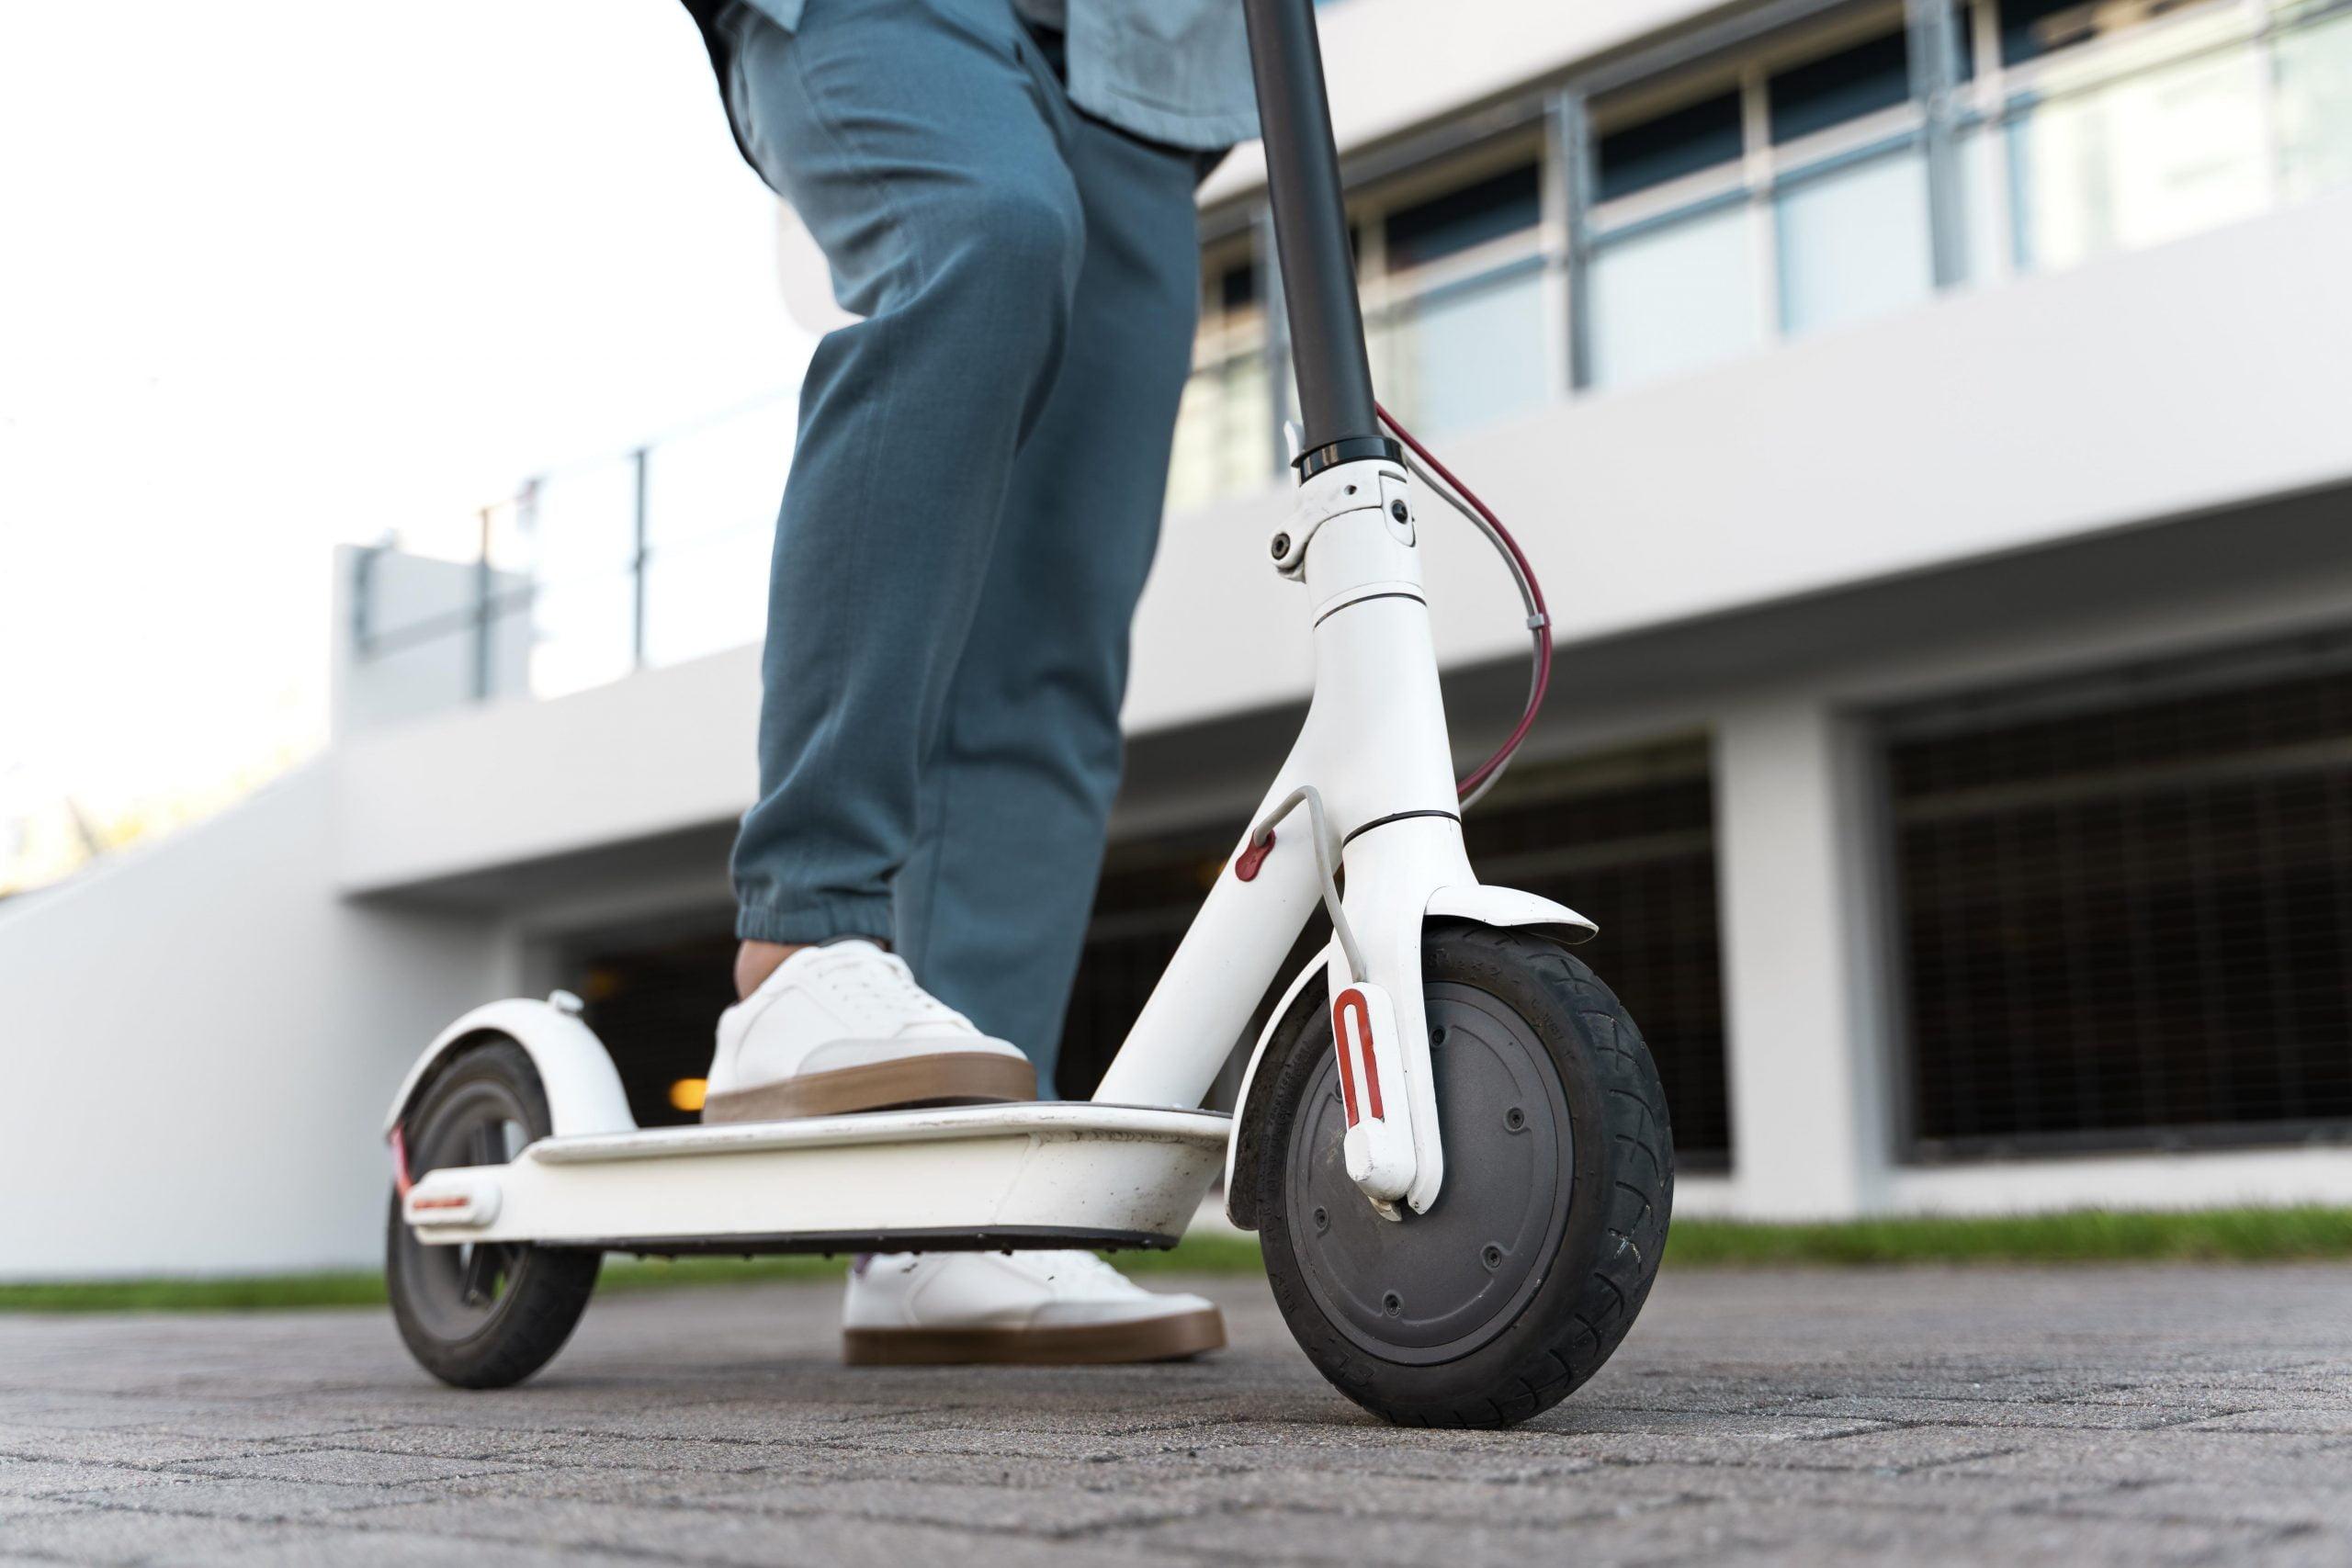 Elektrikli scooter fren tamiri